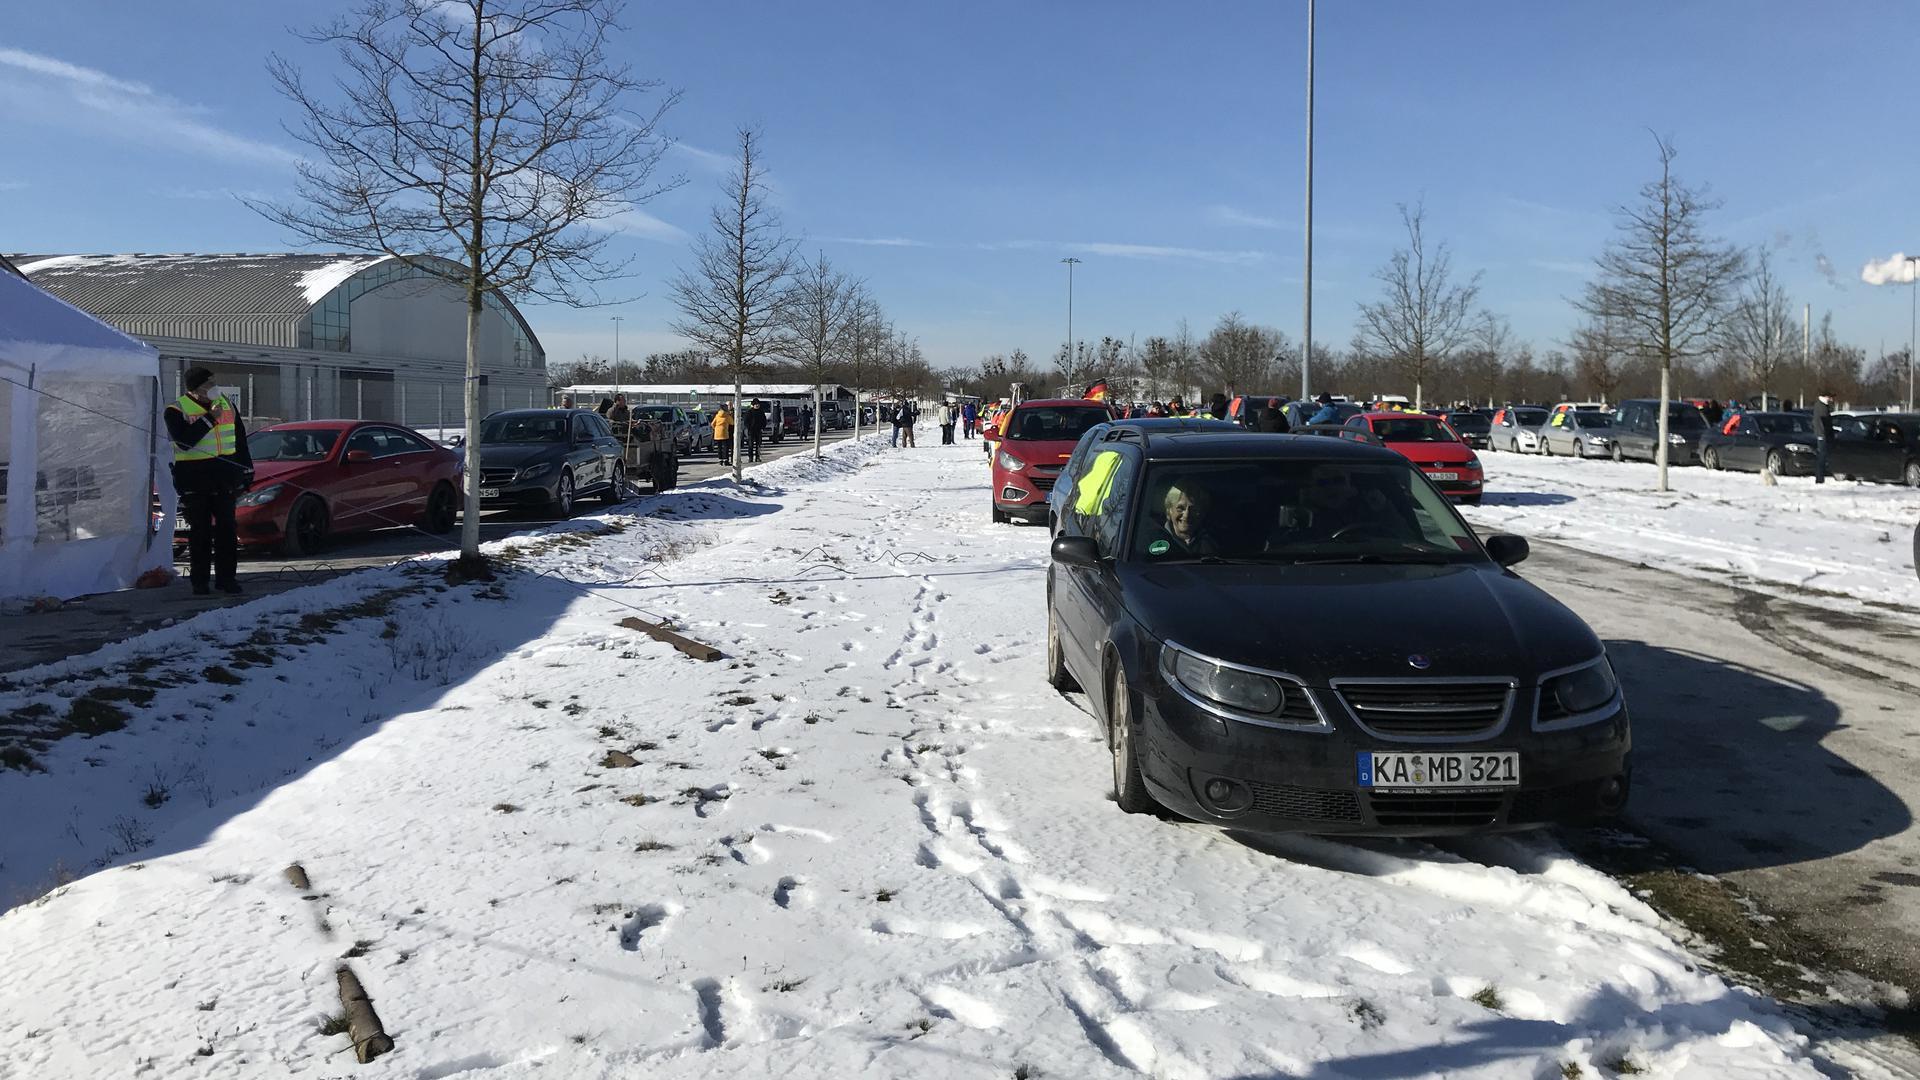 Zahlreiche Ordner werden benötigt, um die große Anzahl der Fahrzeuge gemeinsam und sicher zum Bundesverfassungsgericht zu bringen. Im Internet haben sich die Demonstranten zuvor abgesprochen, die Aufstellung wurde am Wochenende bereits geübt.